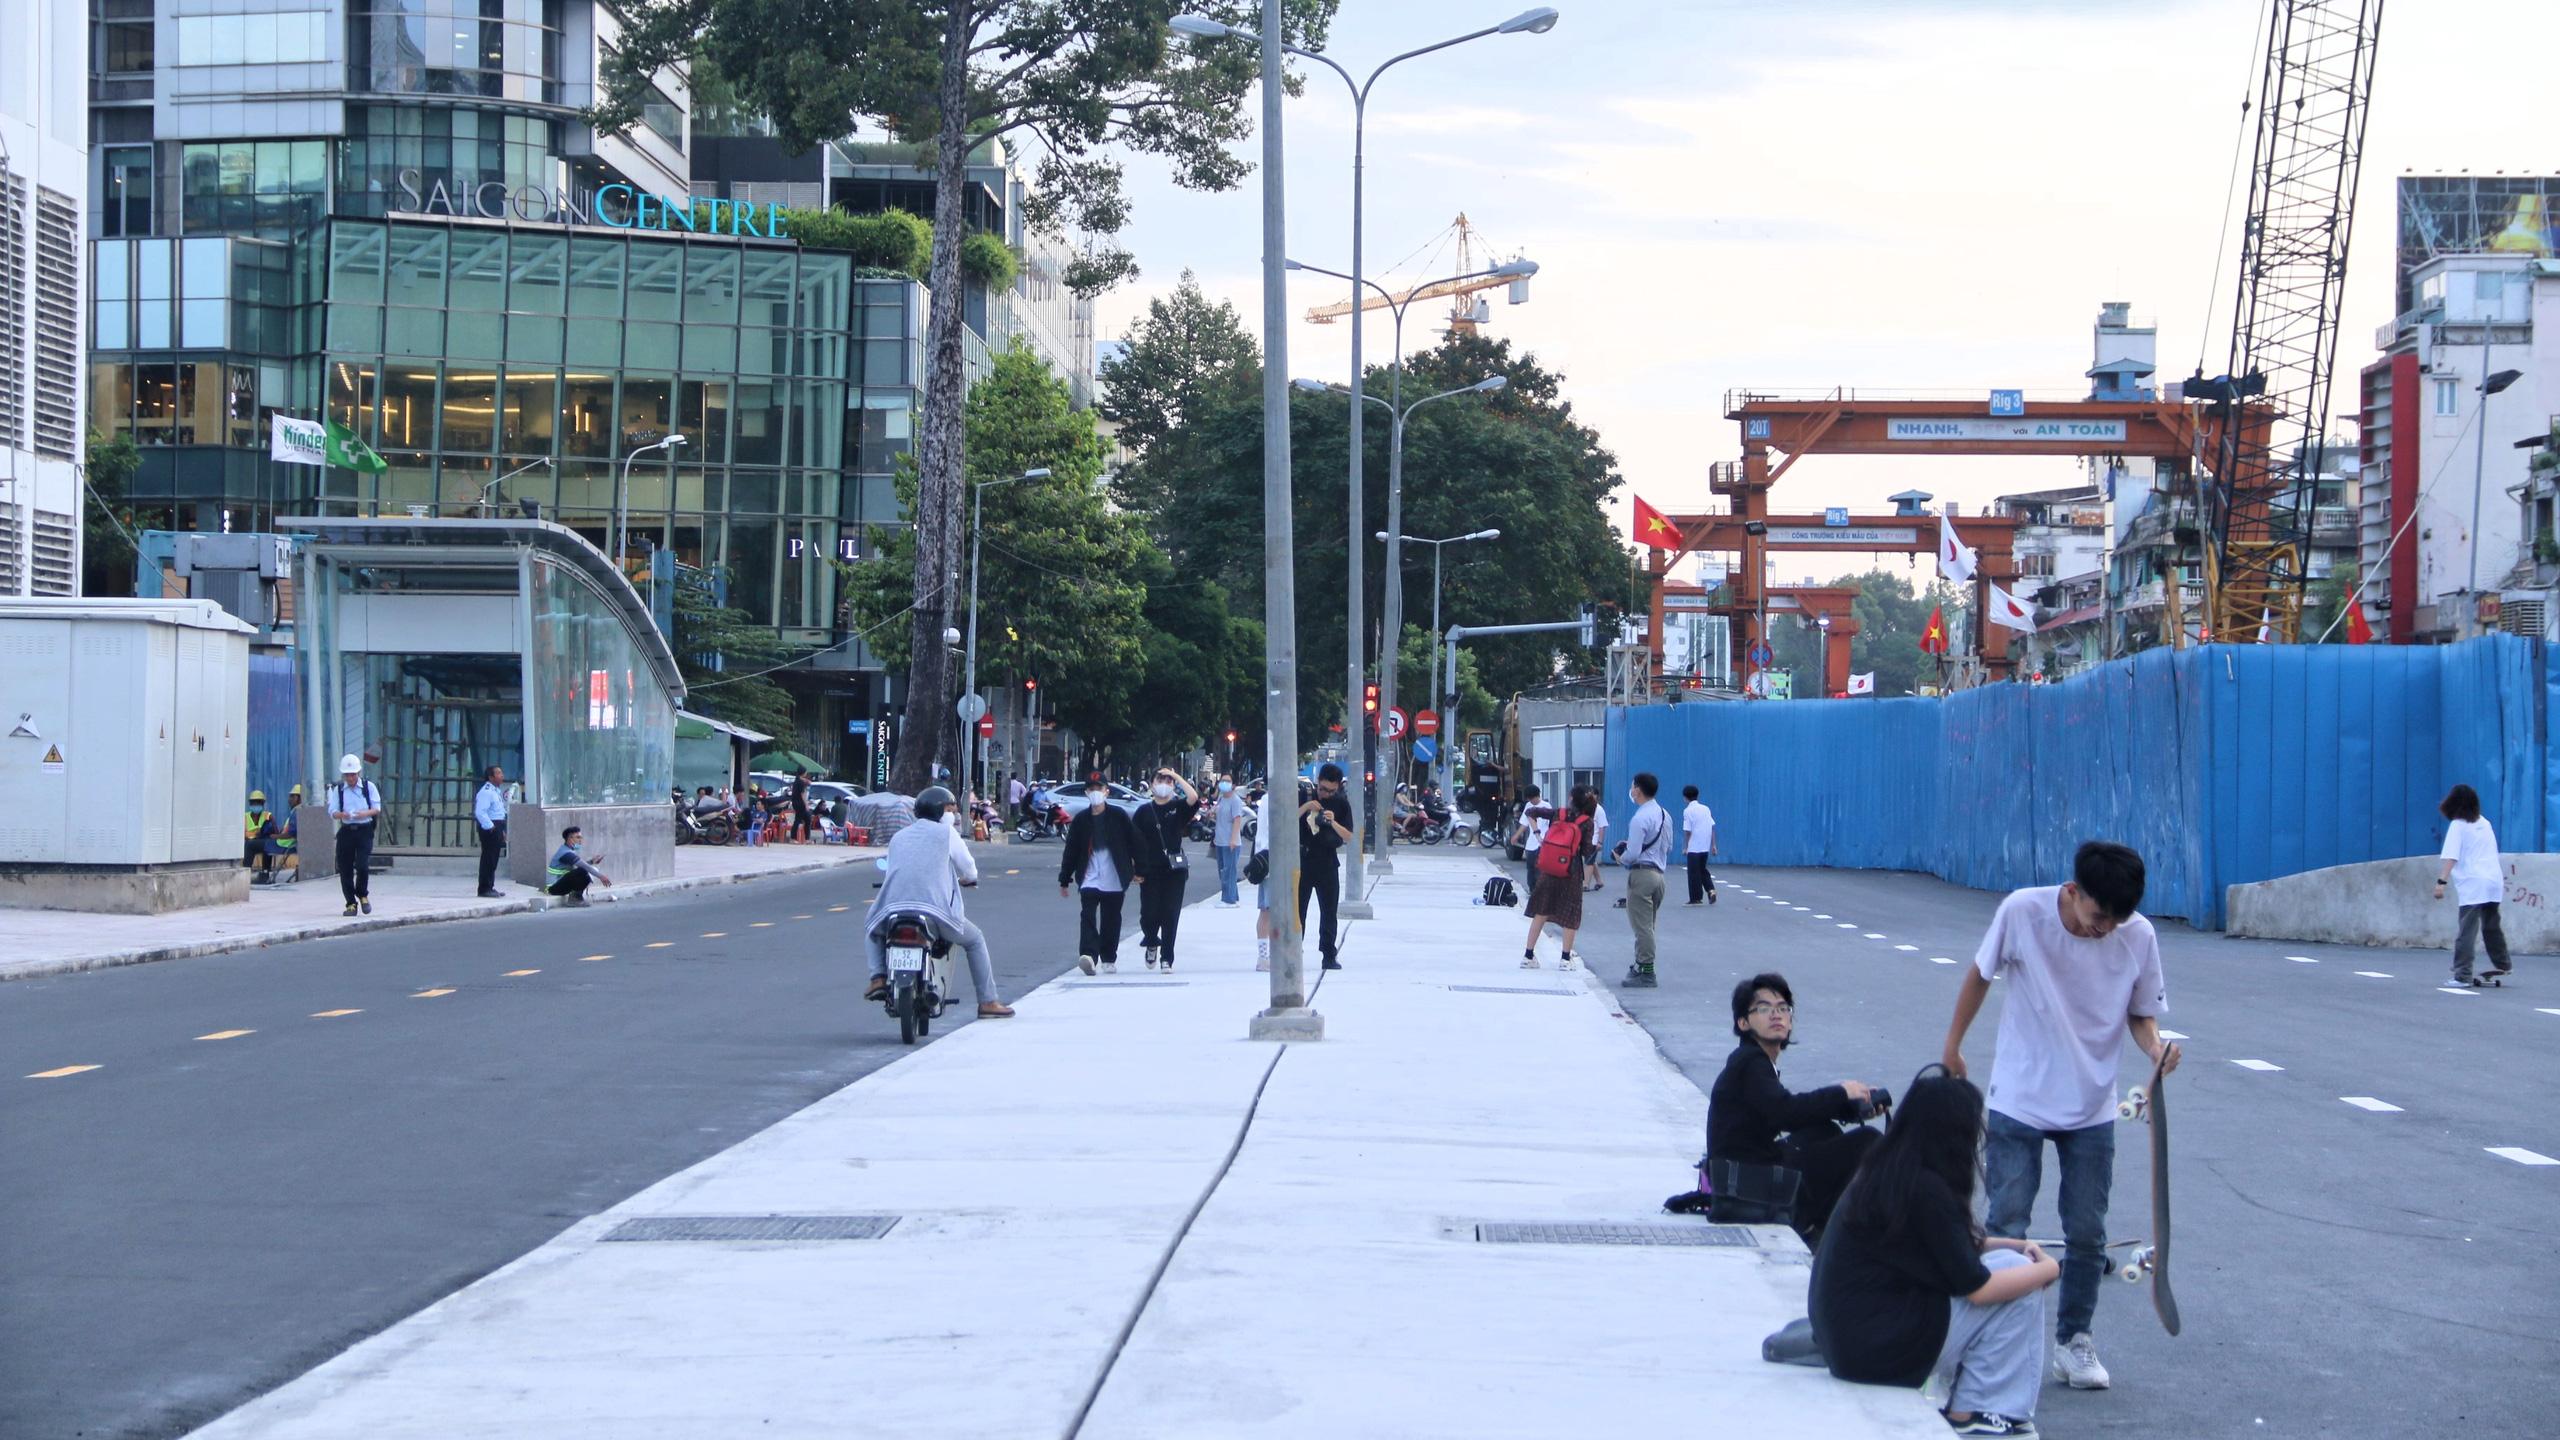 Trung tâm Sài Gòn thoáng đãng sau khi thông tuyến đường Nguyễn Hữu Cảnh và Lê Lợi - Ảnh 9.